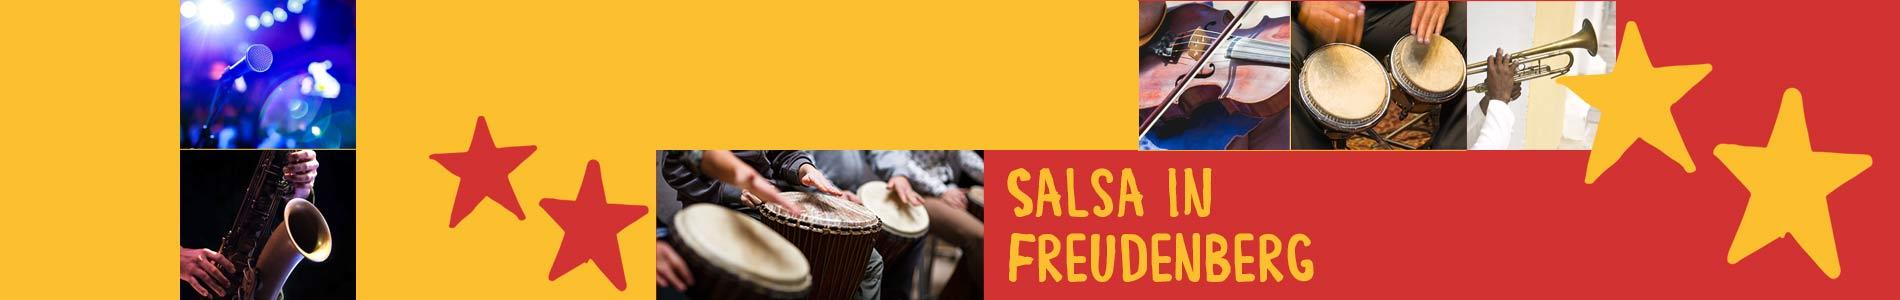 Salsa in Freudenberg – Salsa lernen und tanzen, Tanzkurse, Partys, Veranstaltungen